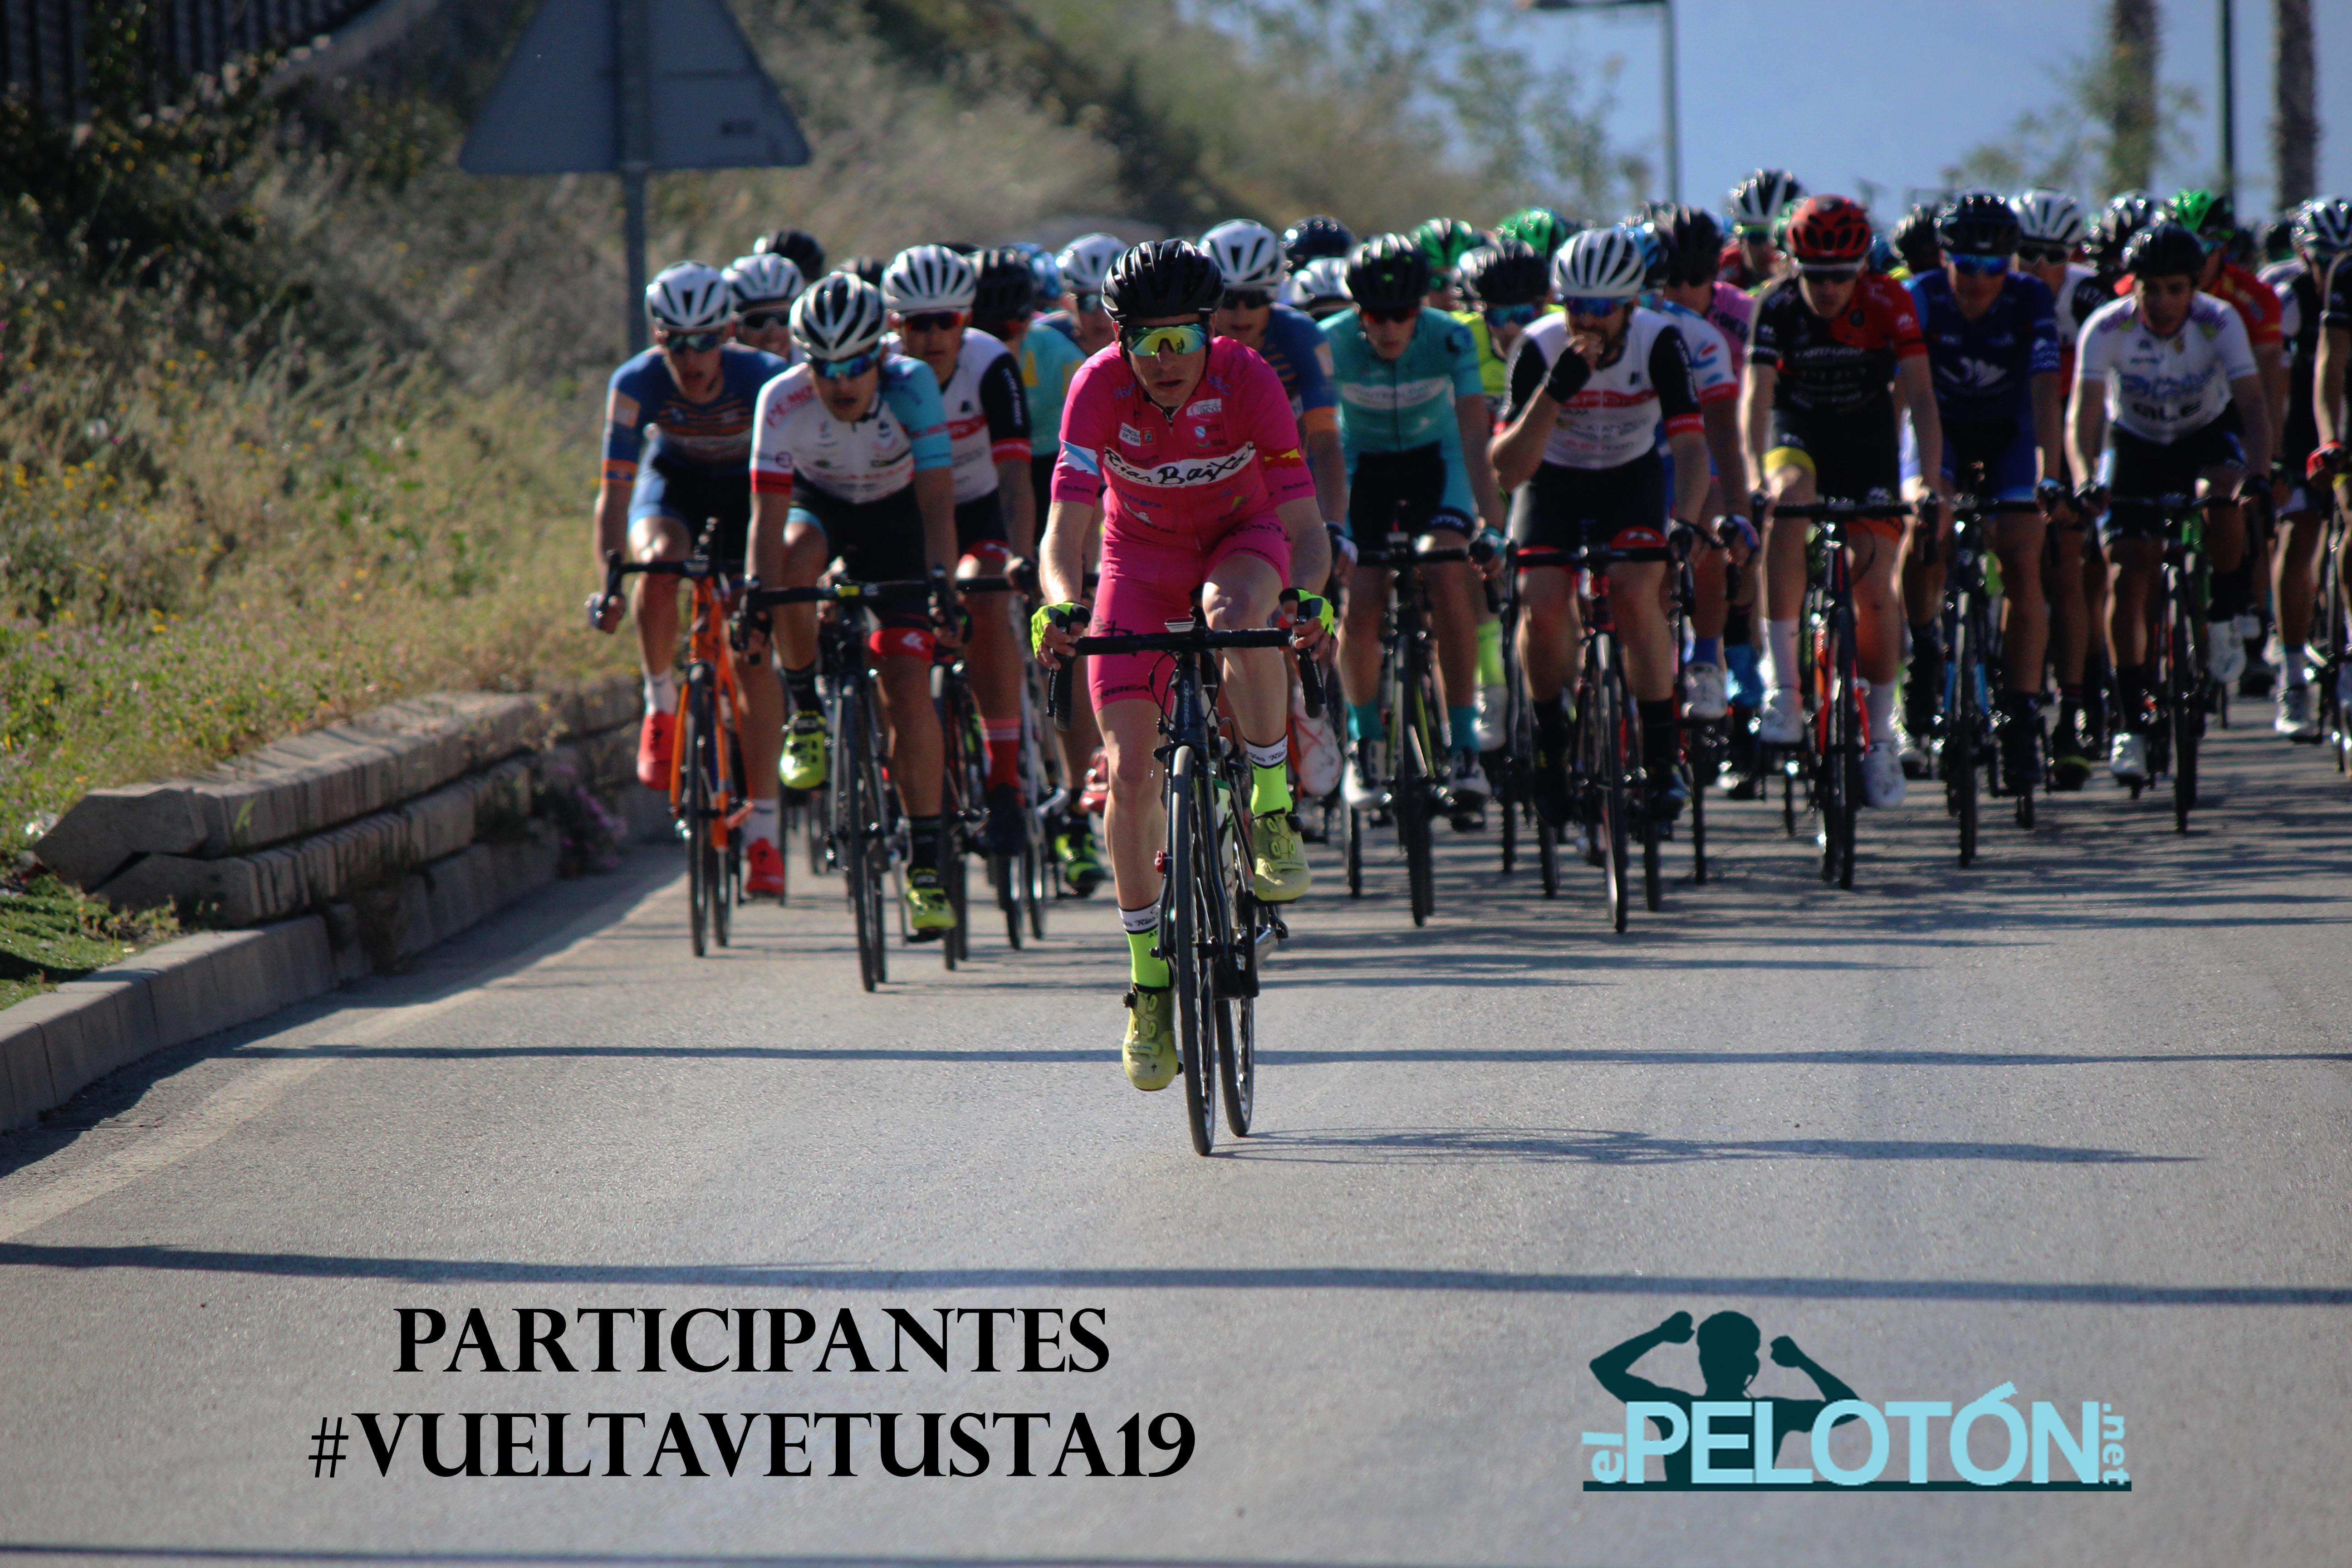 Participantes Vuelta Vetusta 19